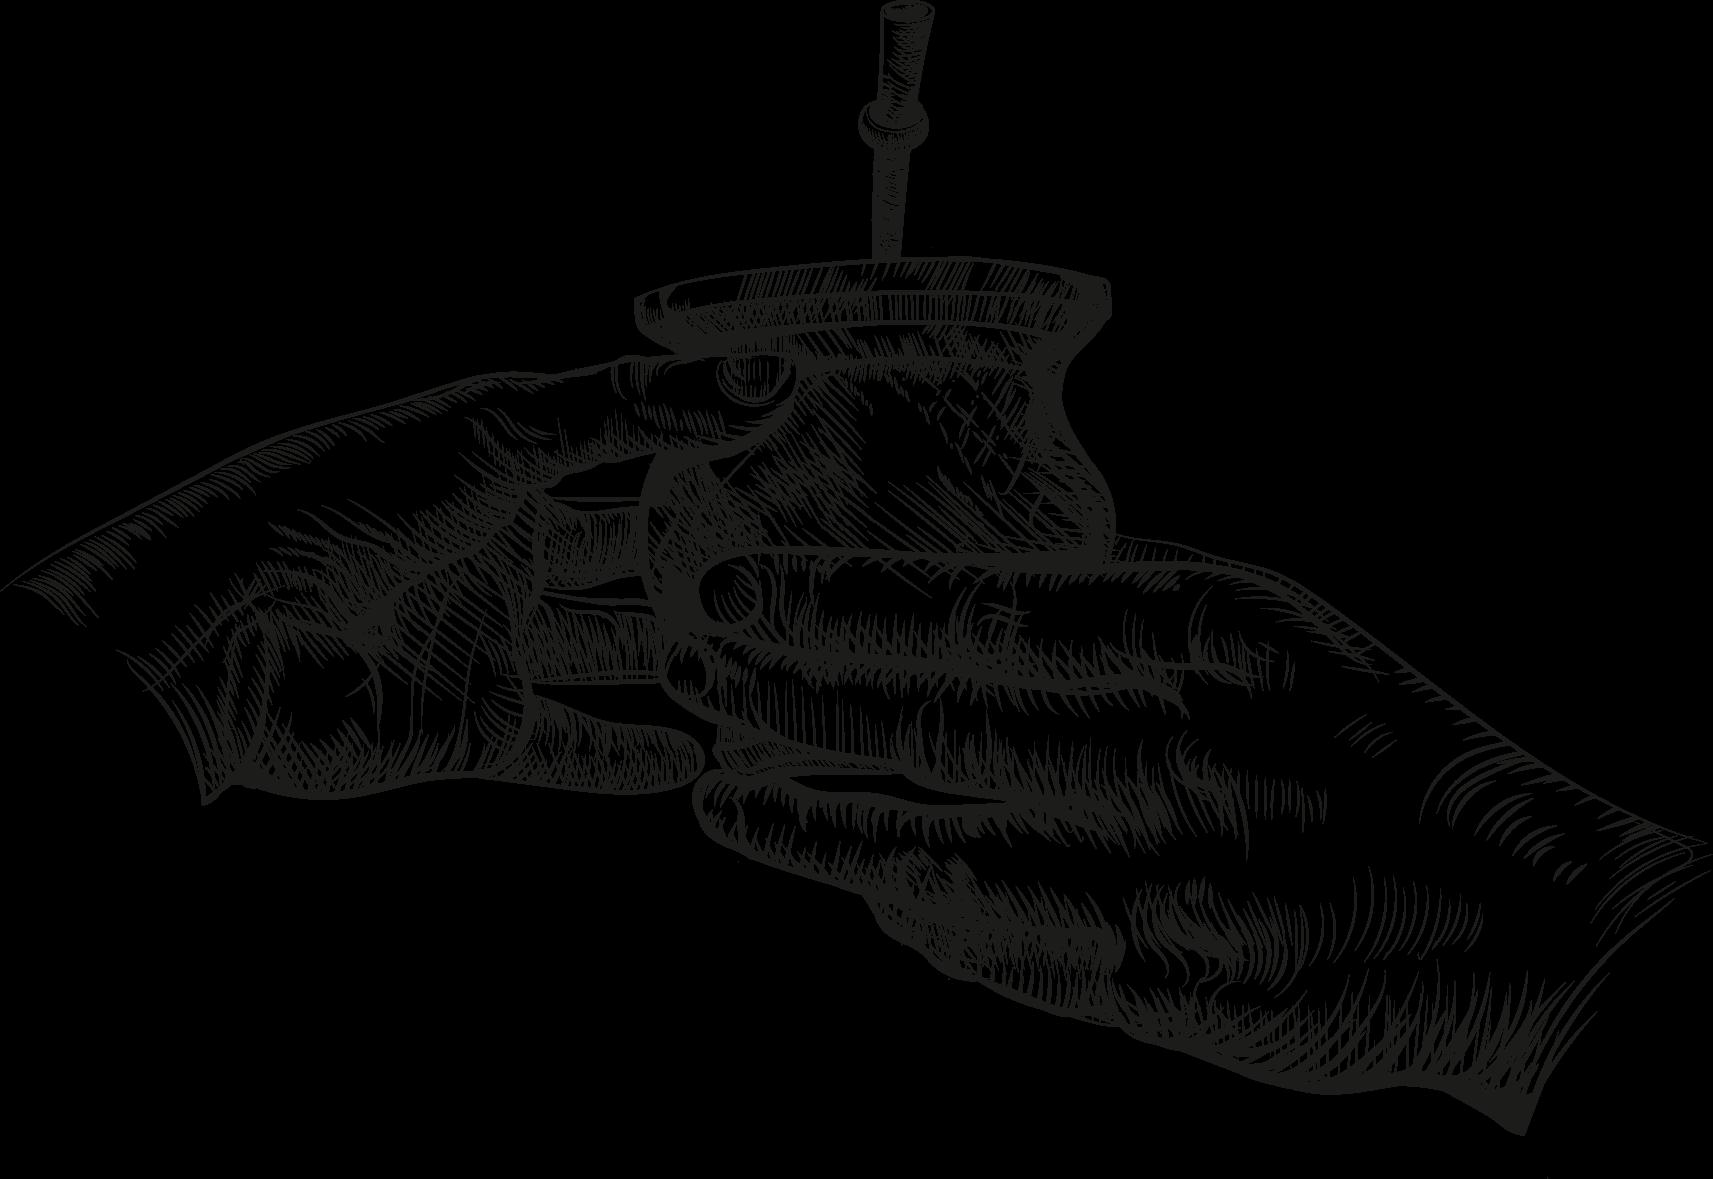 Zwei Hände teilen ein mate